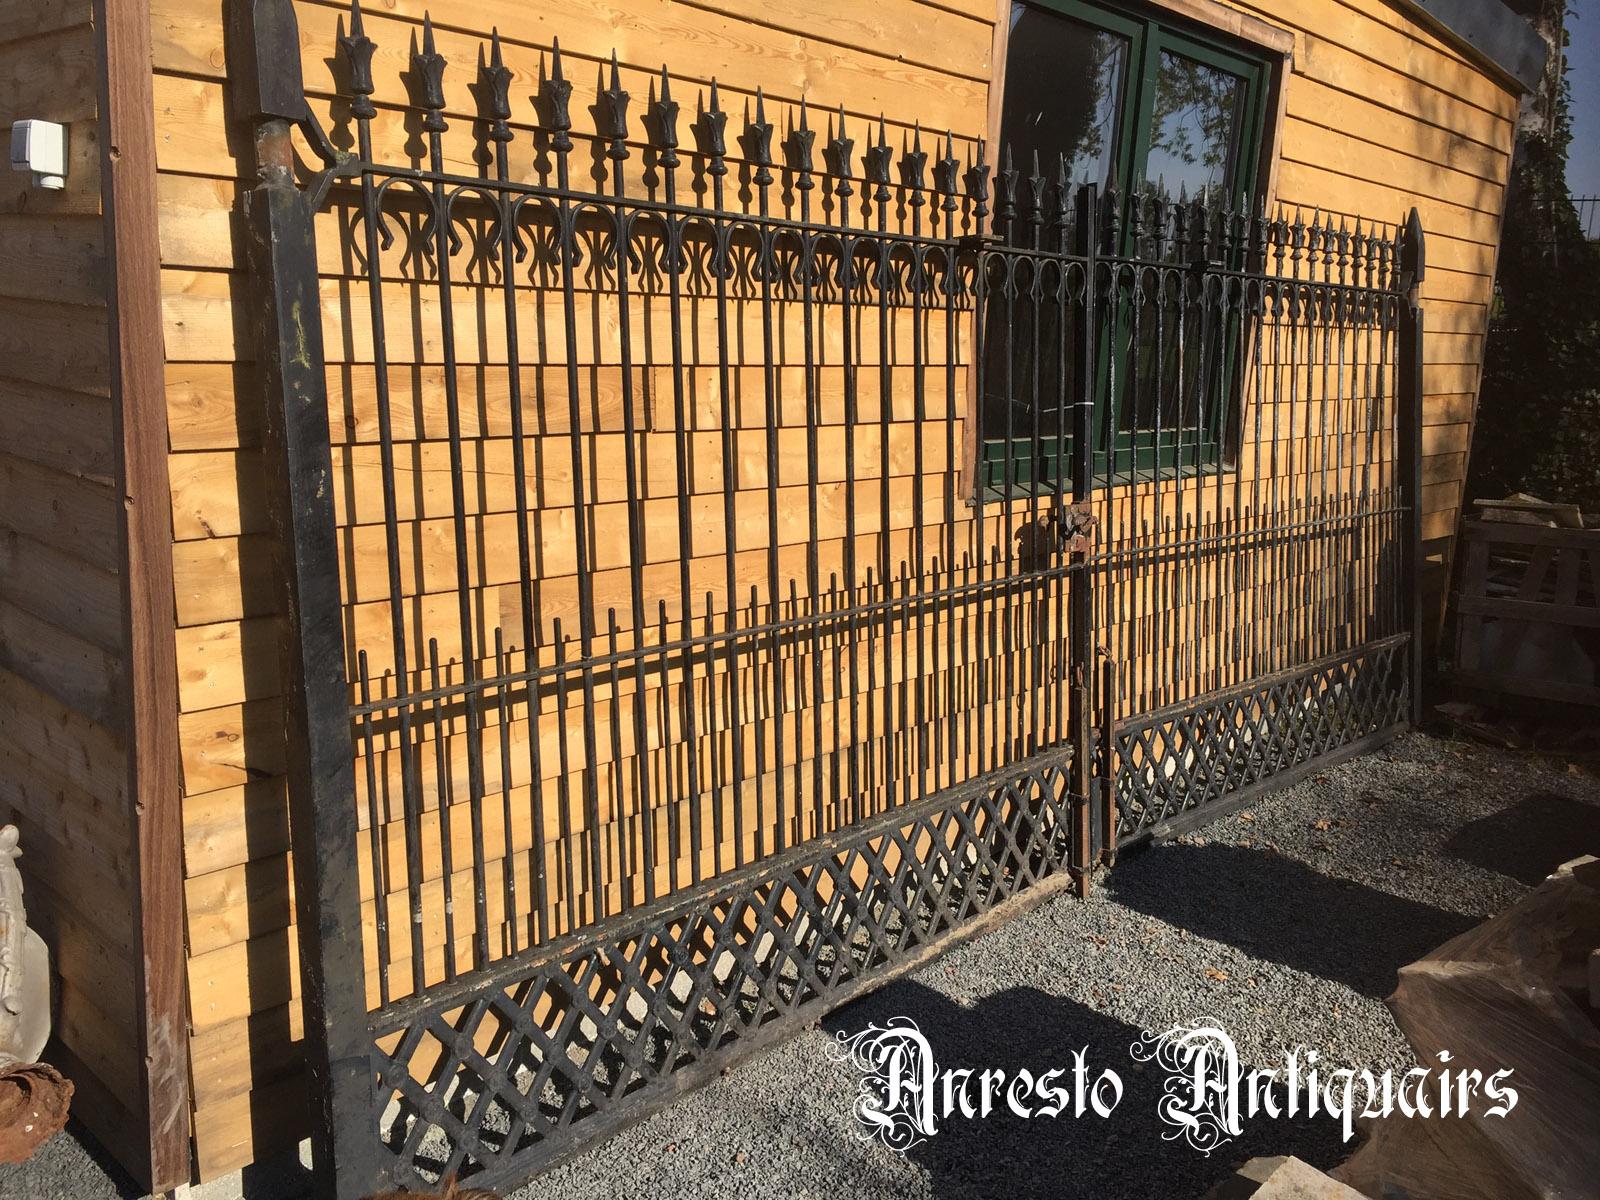 Ref. 21 – Antieke smeedijzeren 2-vleugelige poort, gesmede ijzeren tuinpoort foto 1